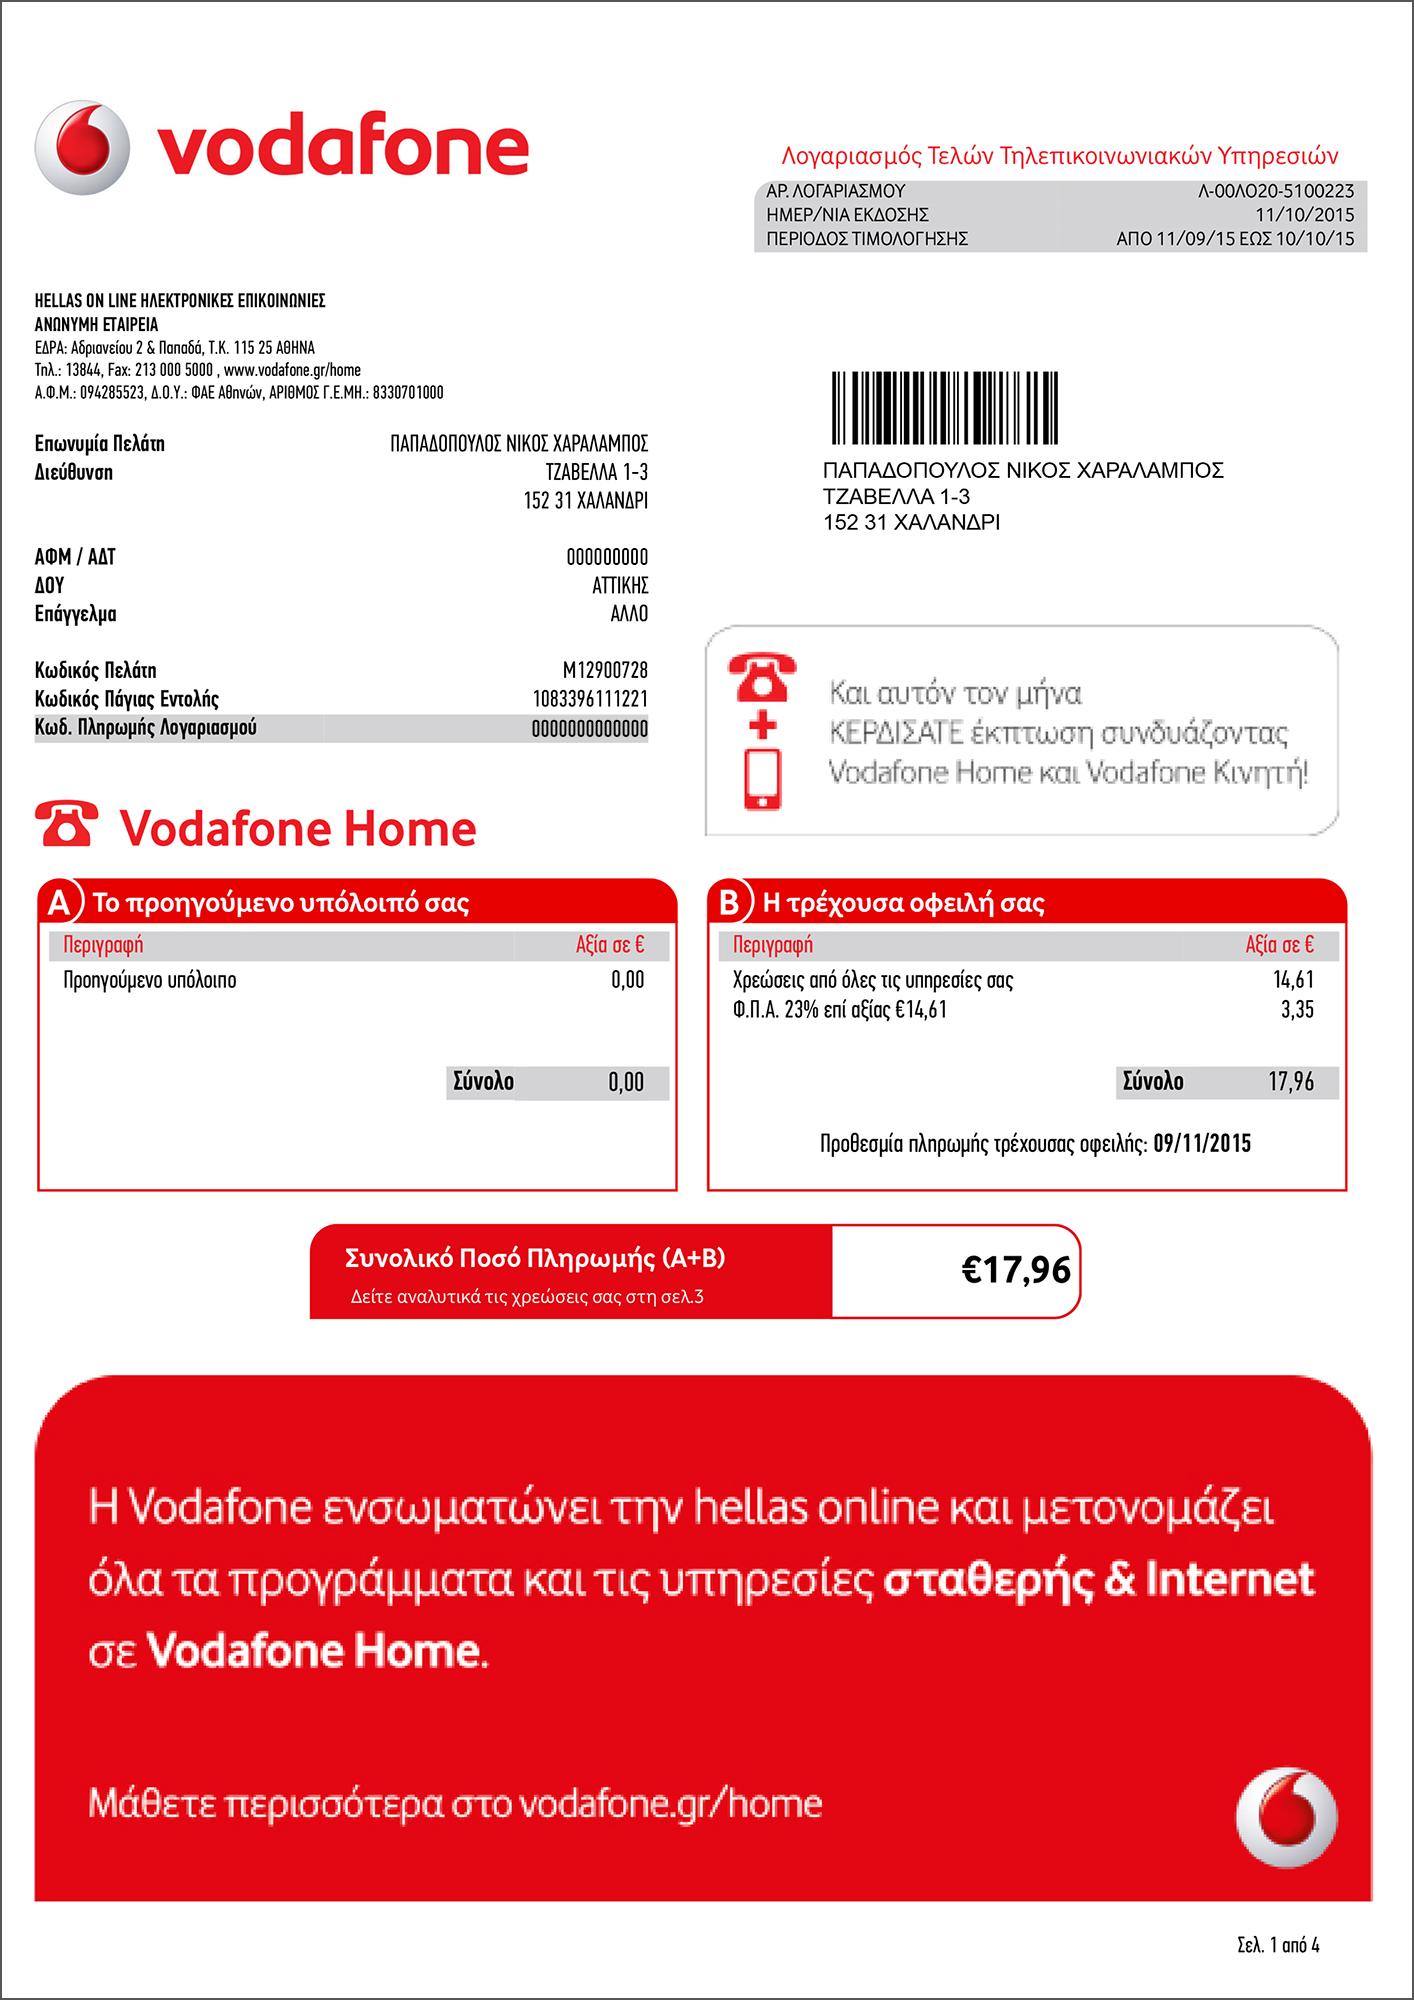 Vodafone bill payment online - Payment